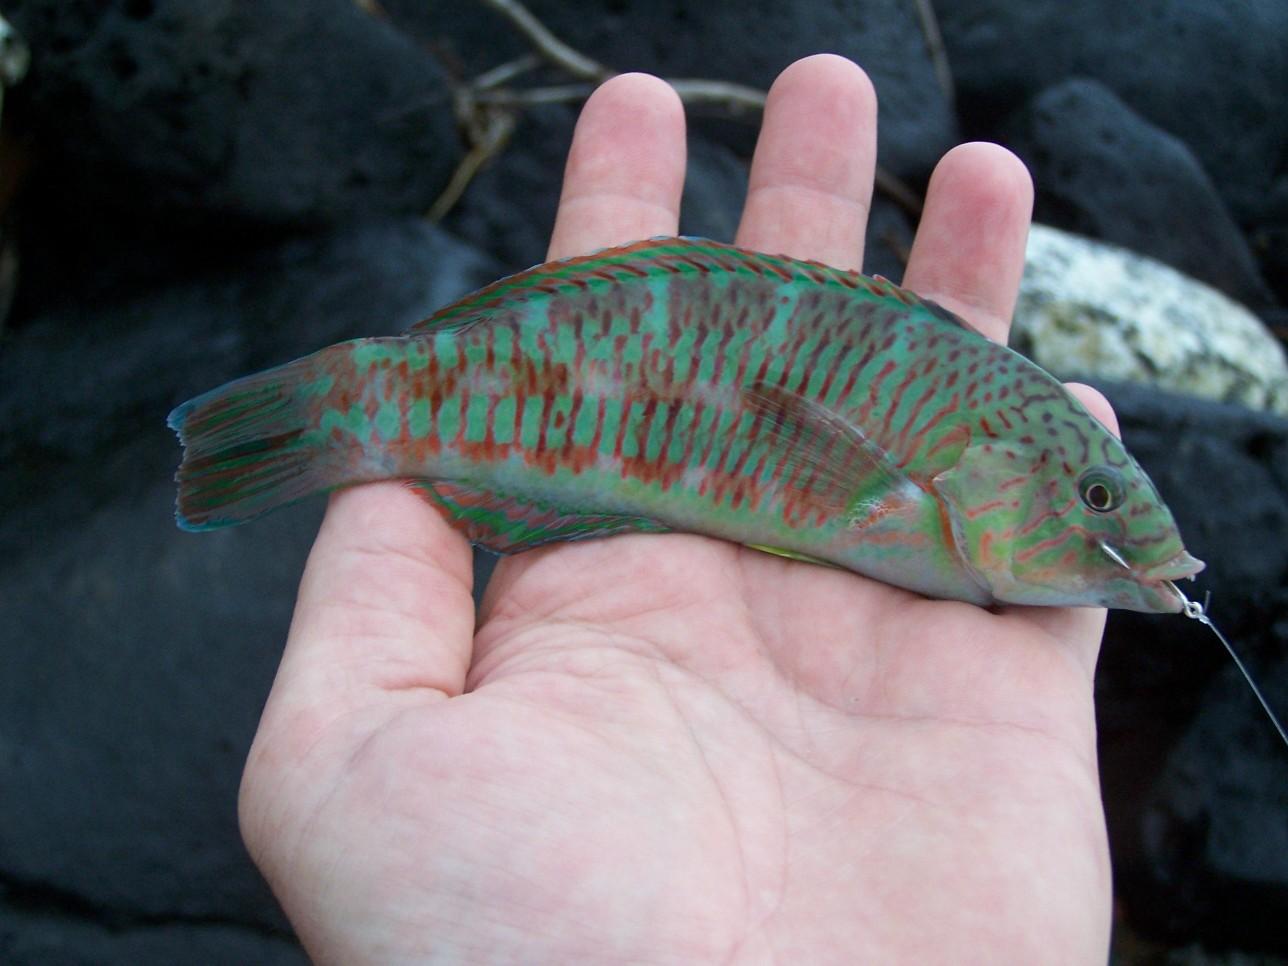 SURGE_WRASSE_KAUAI_FISH_01_09